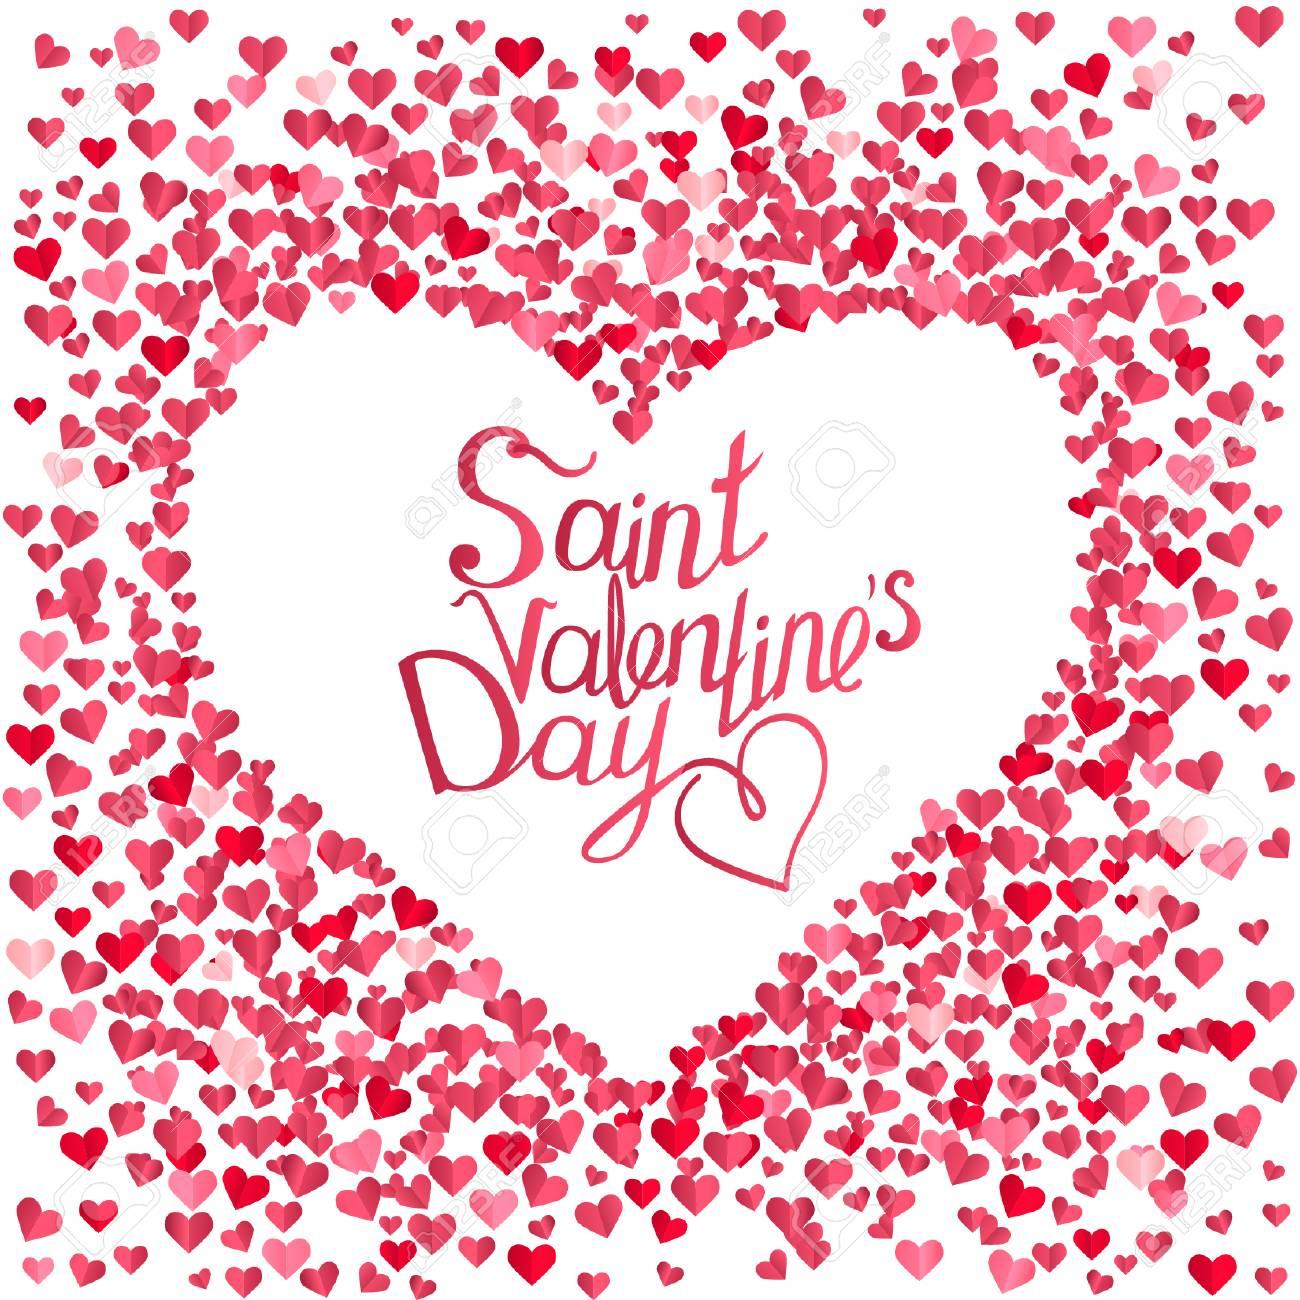 Rose Tarjeta De Felicitación Con La Frase San Valentín Plantilla Para Diseño Festivo Anuncios Publicidad